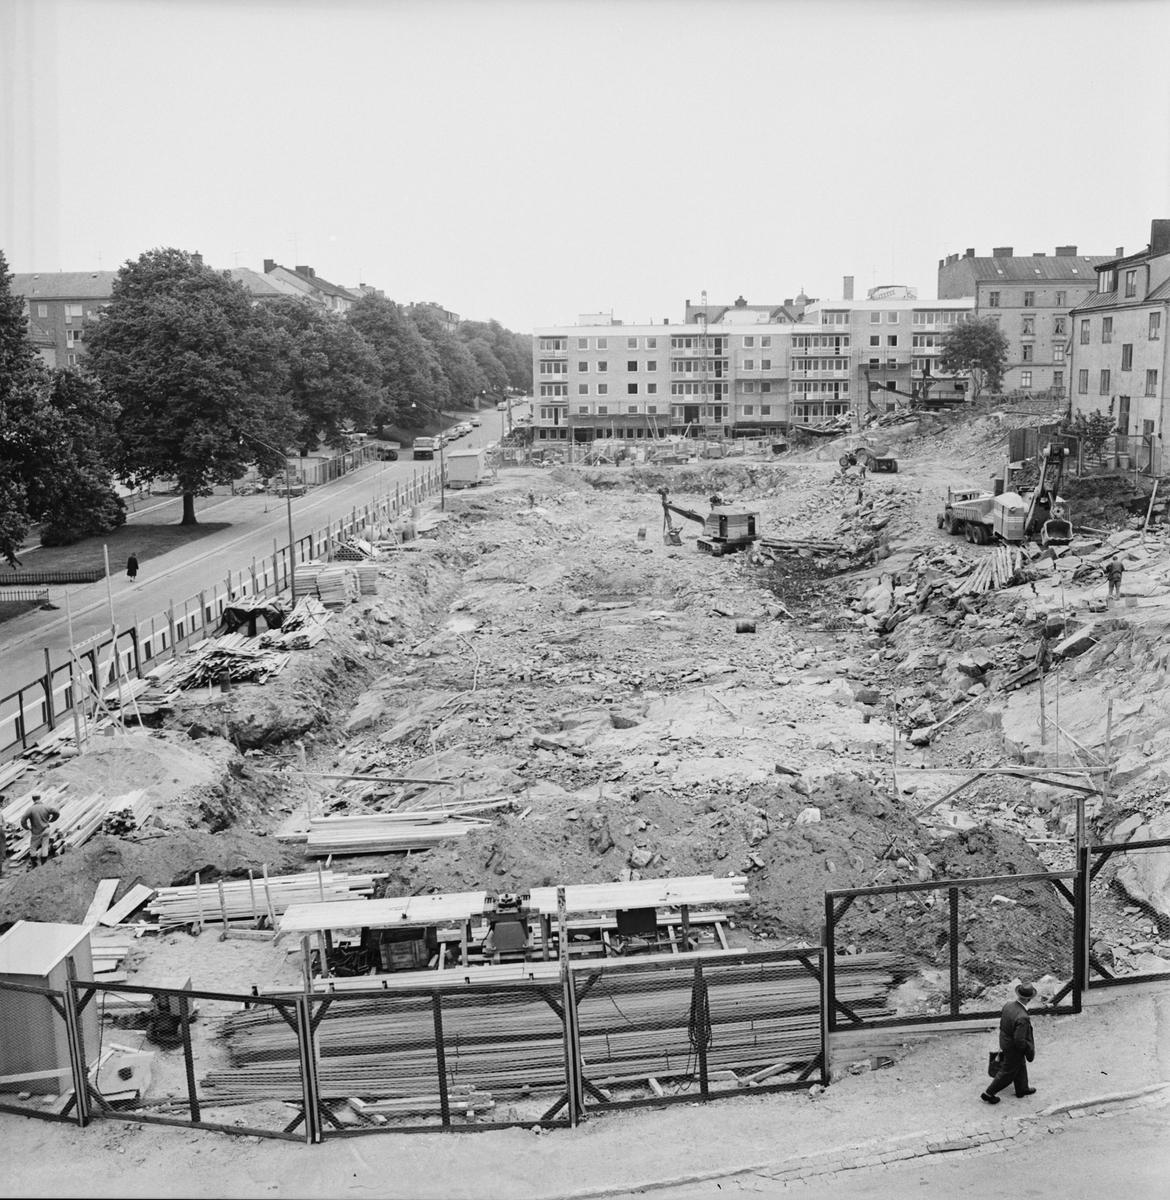 Övrigt: Foto datum: 22/6 1965 Byggnader och kranar Kvarteret Pollux